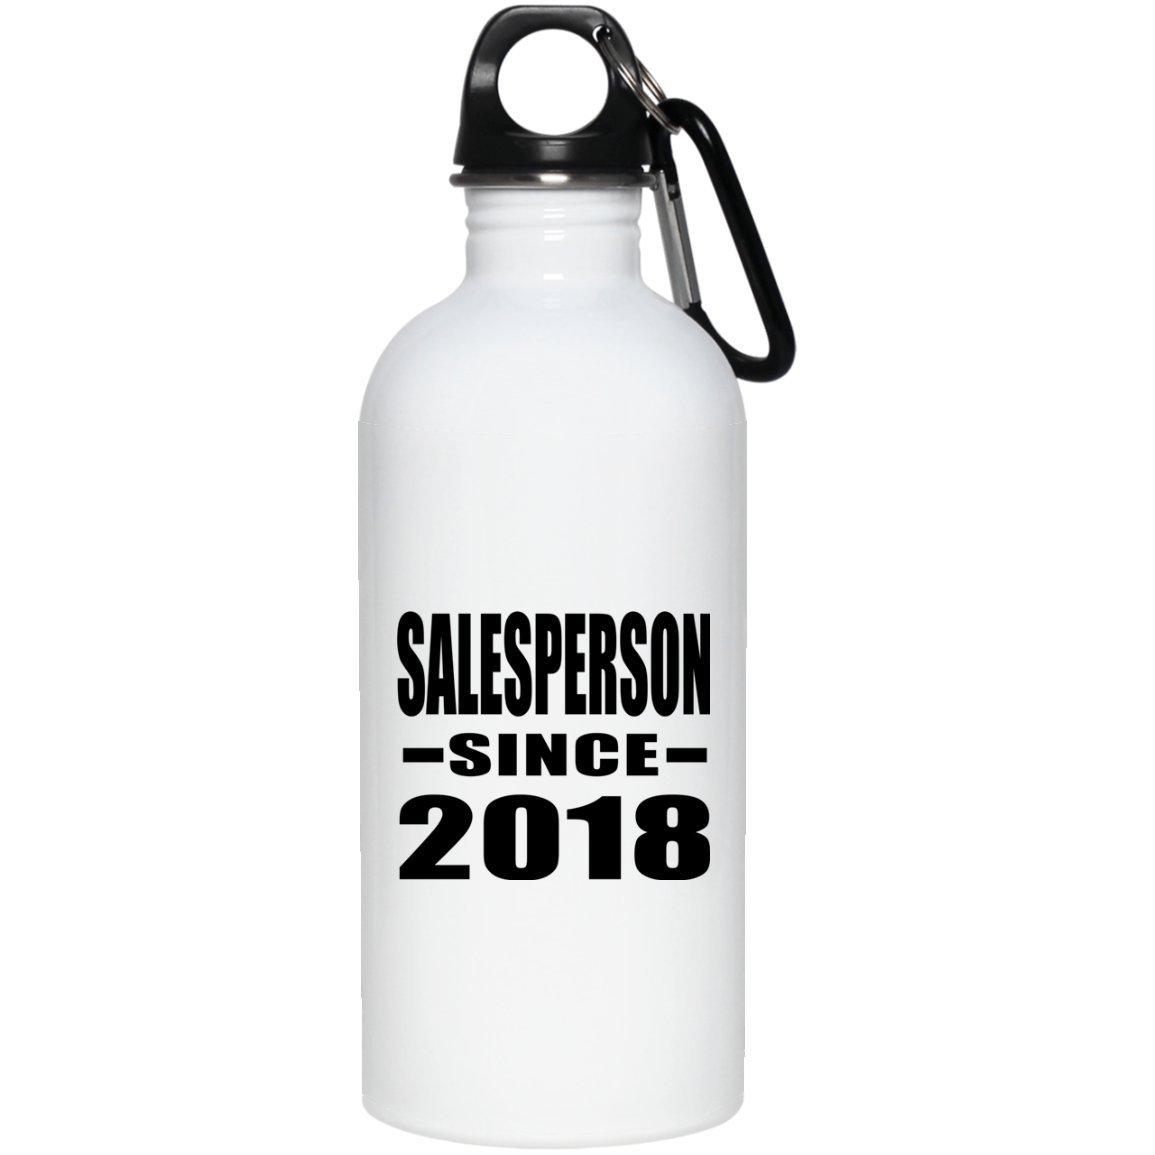 Salesperson Since 2018 - Water Bottle Bouteille d'eau Acier Inoxydable Gobelet-Thermos - Cadeau pour Anniversaire Fête des Mères Fête des Pères Pâques